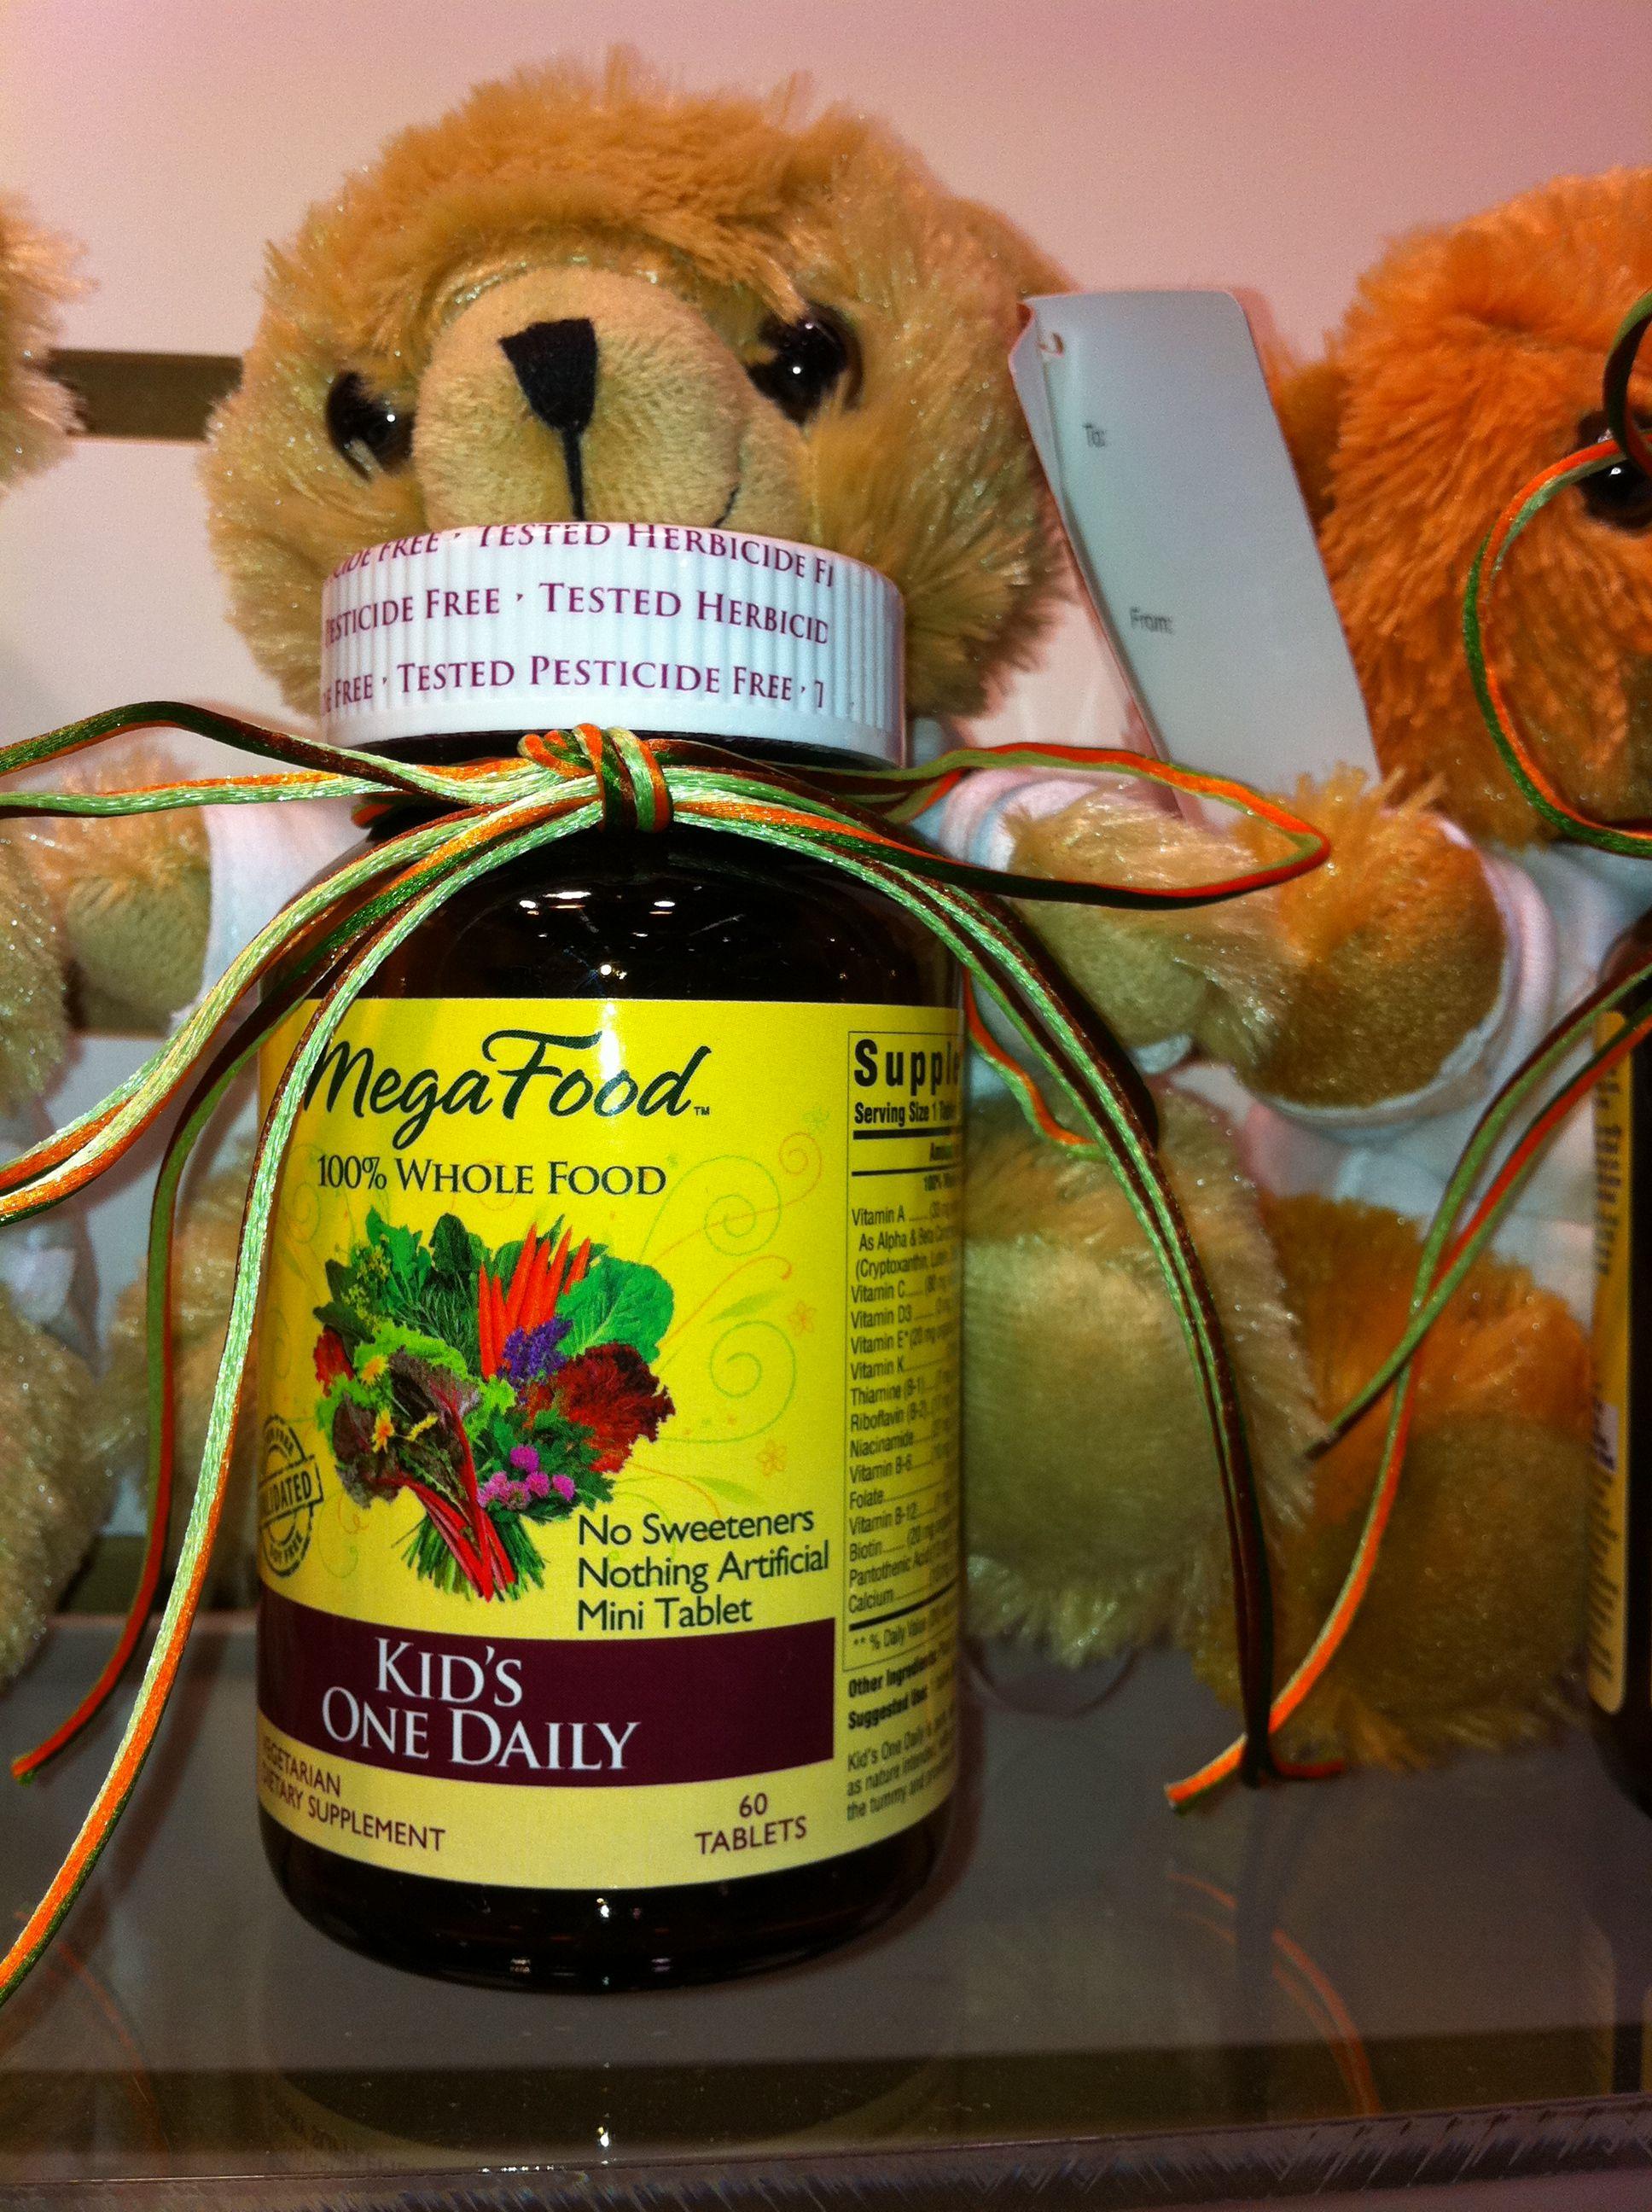 натуральные витамины для детей iherb Для детей